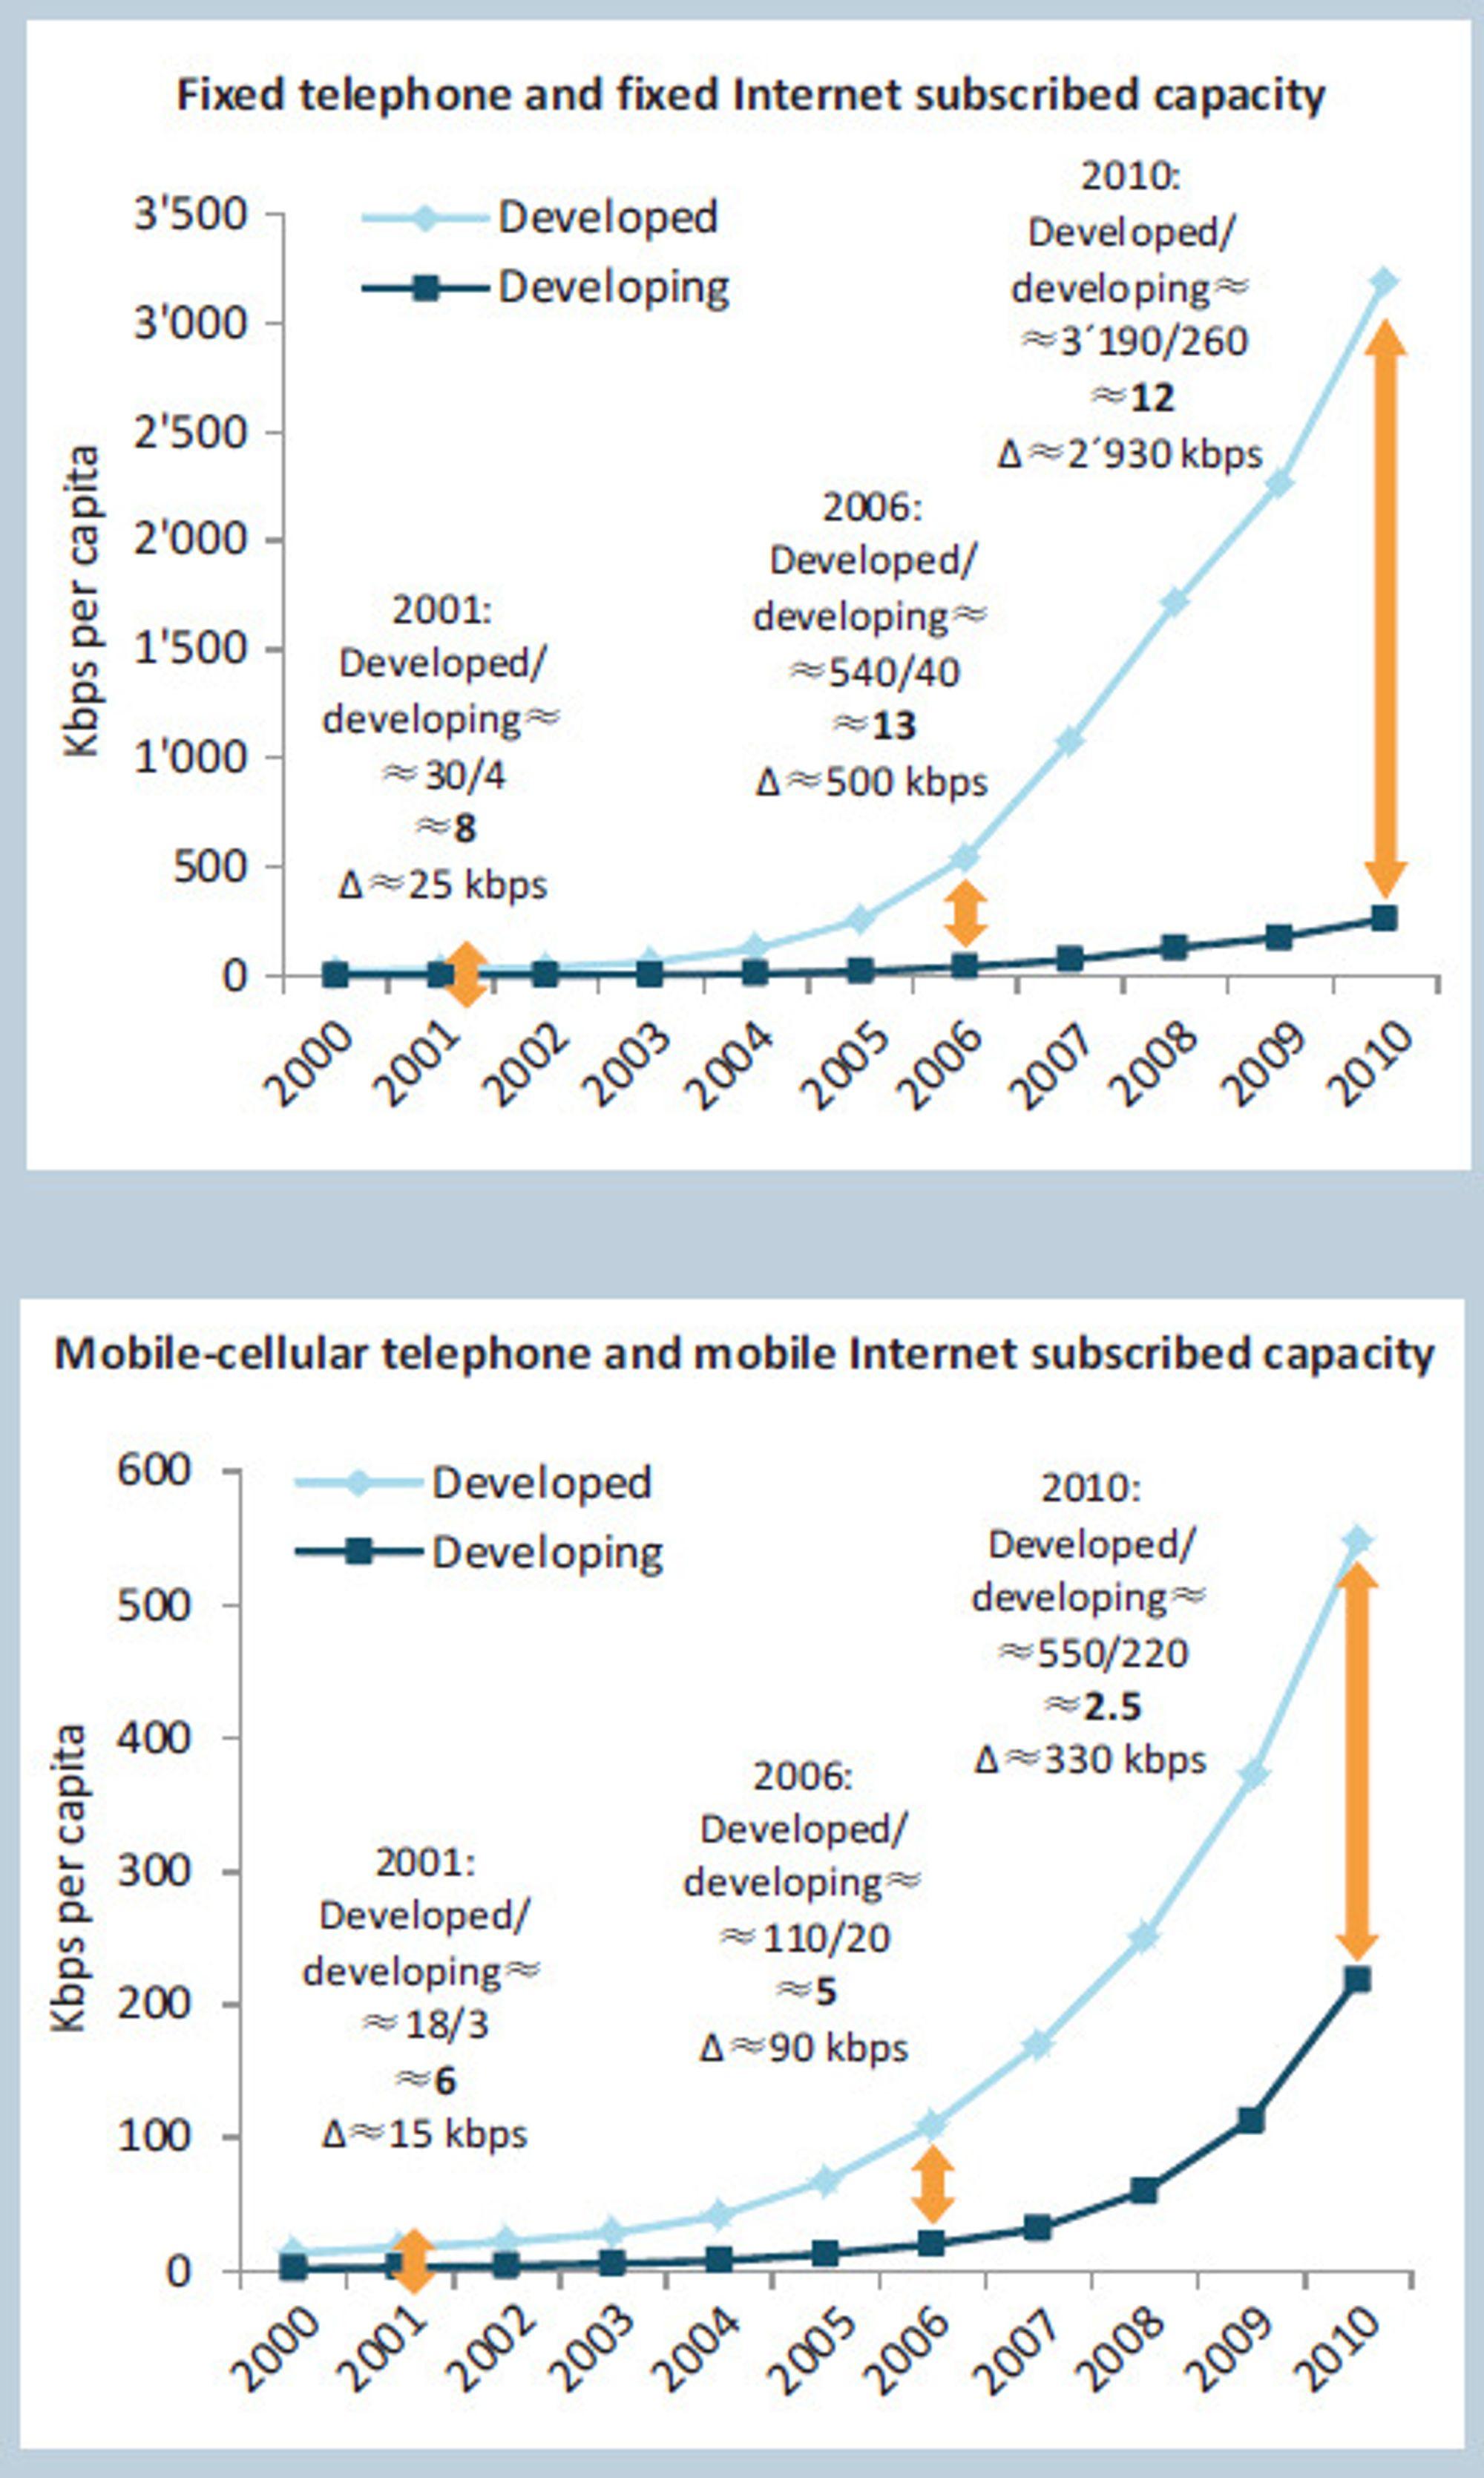 Målt etter tilgang til båndbredde, øker det digitale skillet mellom utviklingsland og utviklede land, særlig innen fastlinjer.